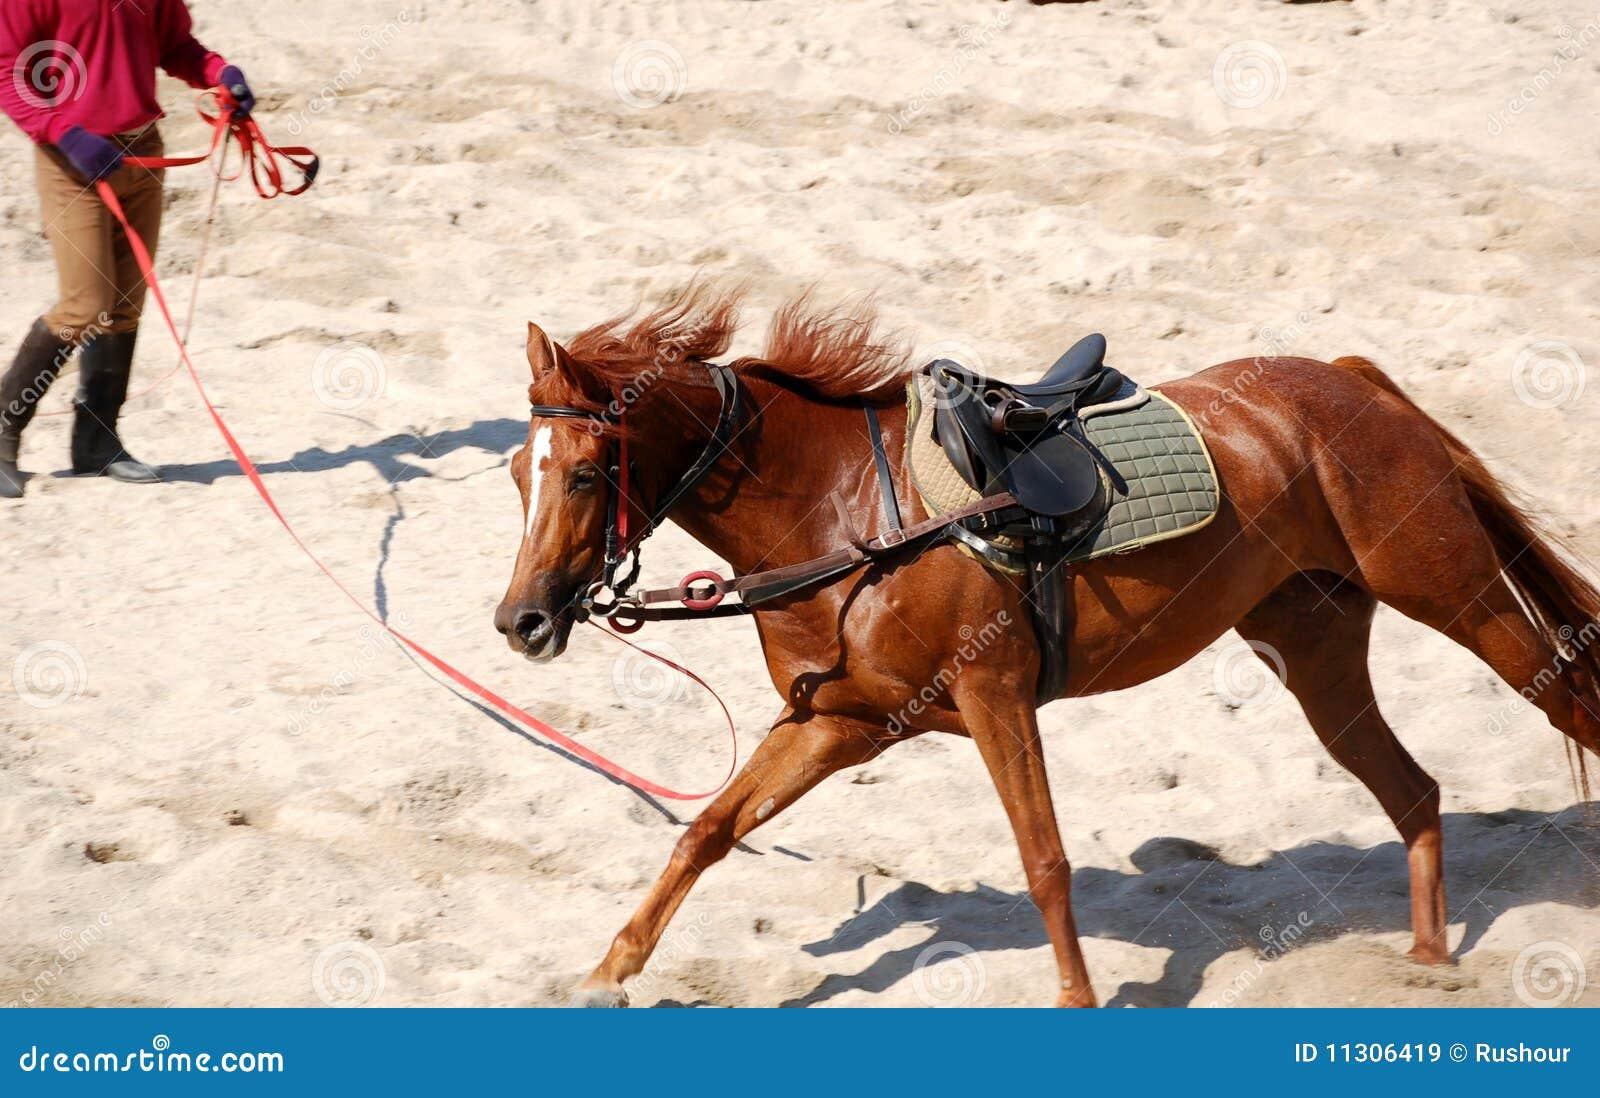 Losstürzen des Pferds